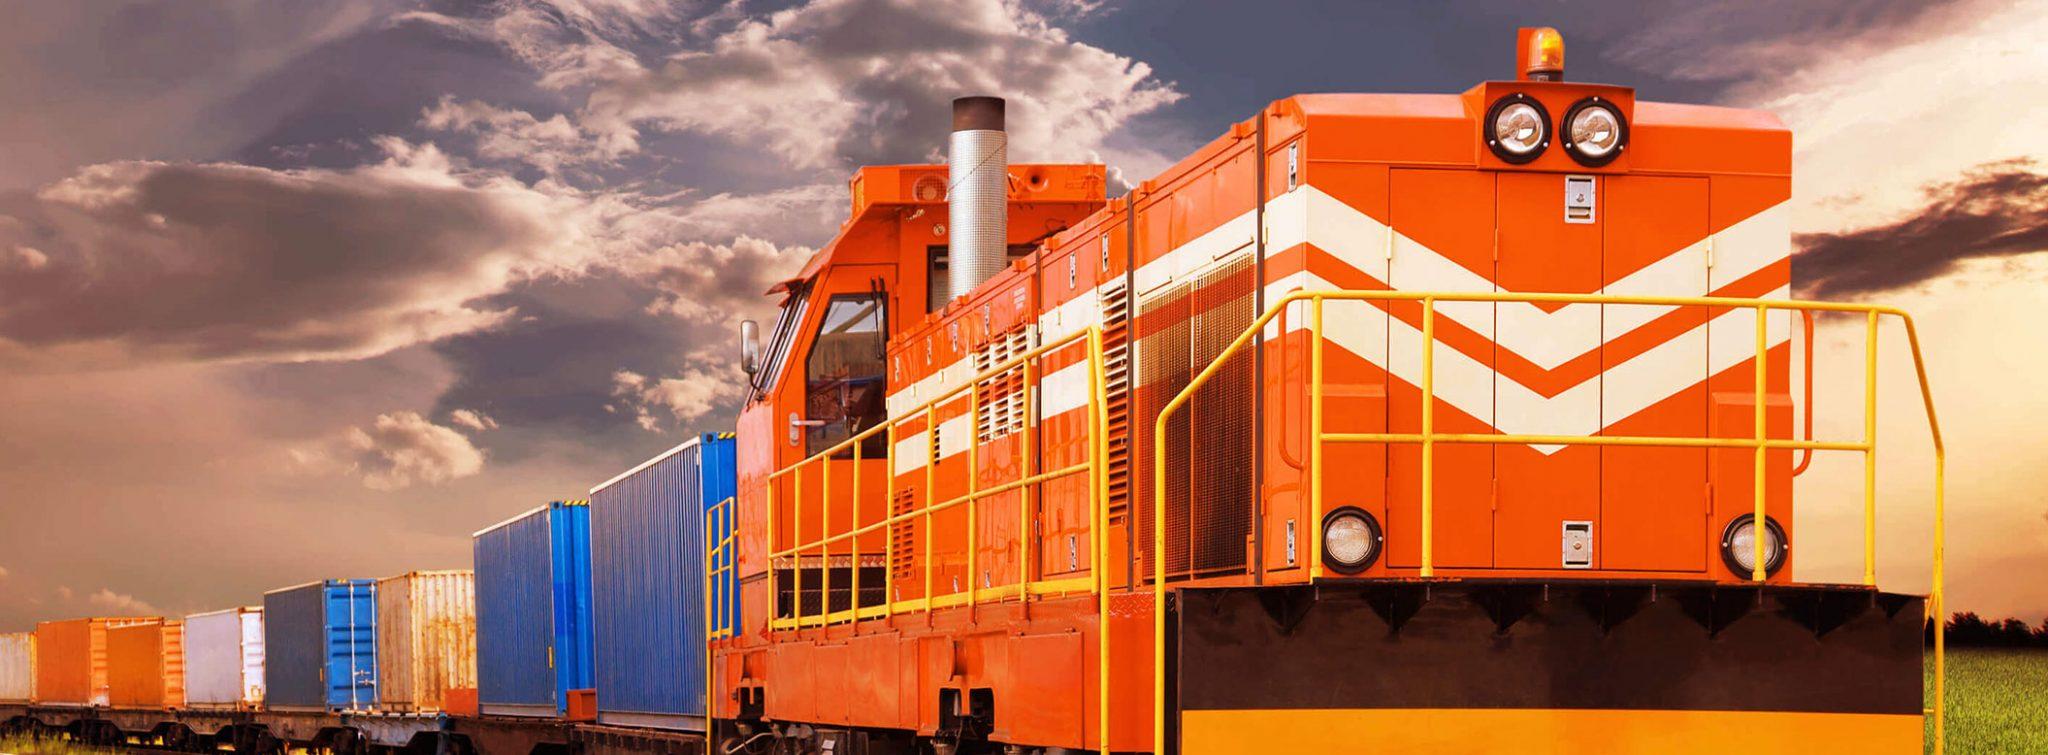 Rumo Logística opera com mais trens e reduz custo extra com alocação de profissionais com auxílio da solução UniSoma